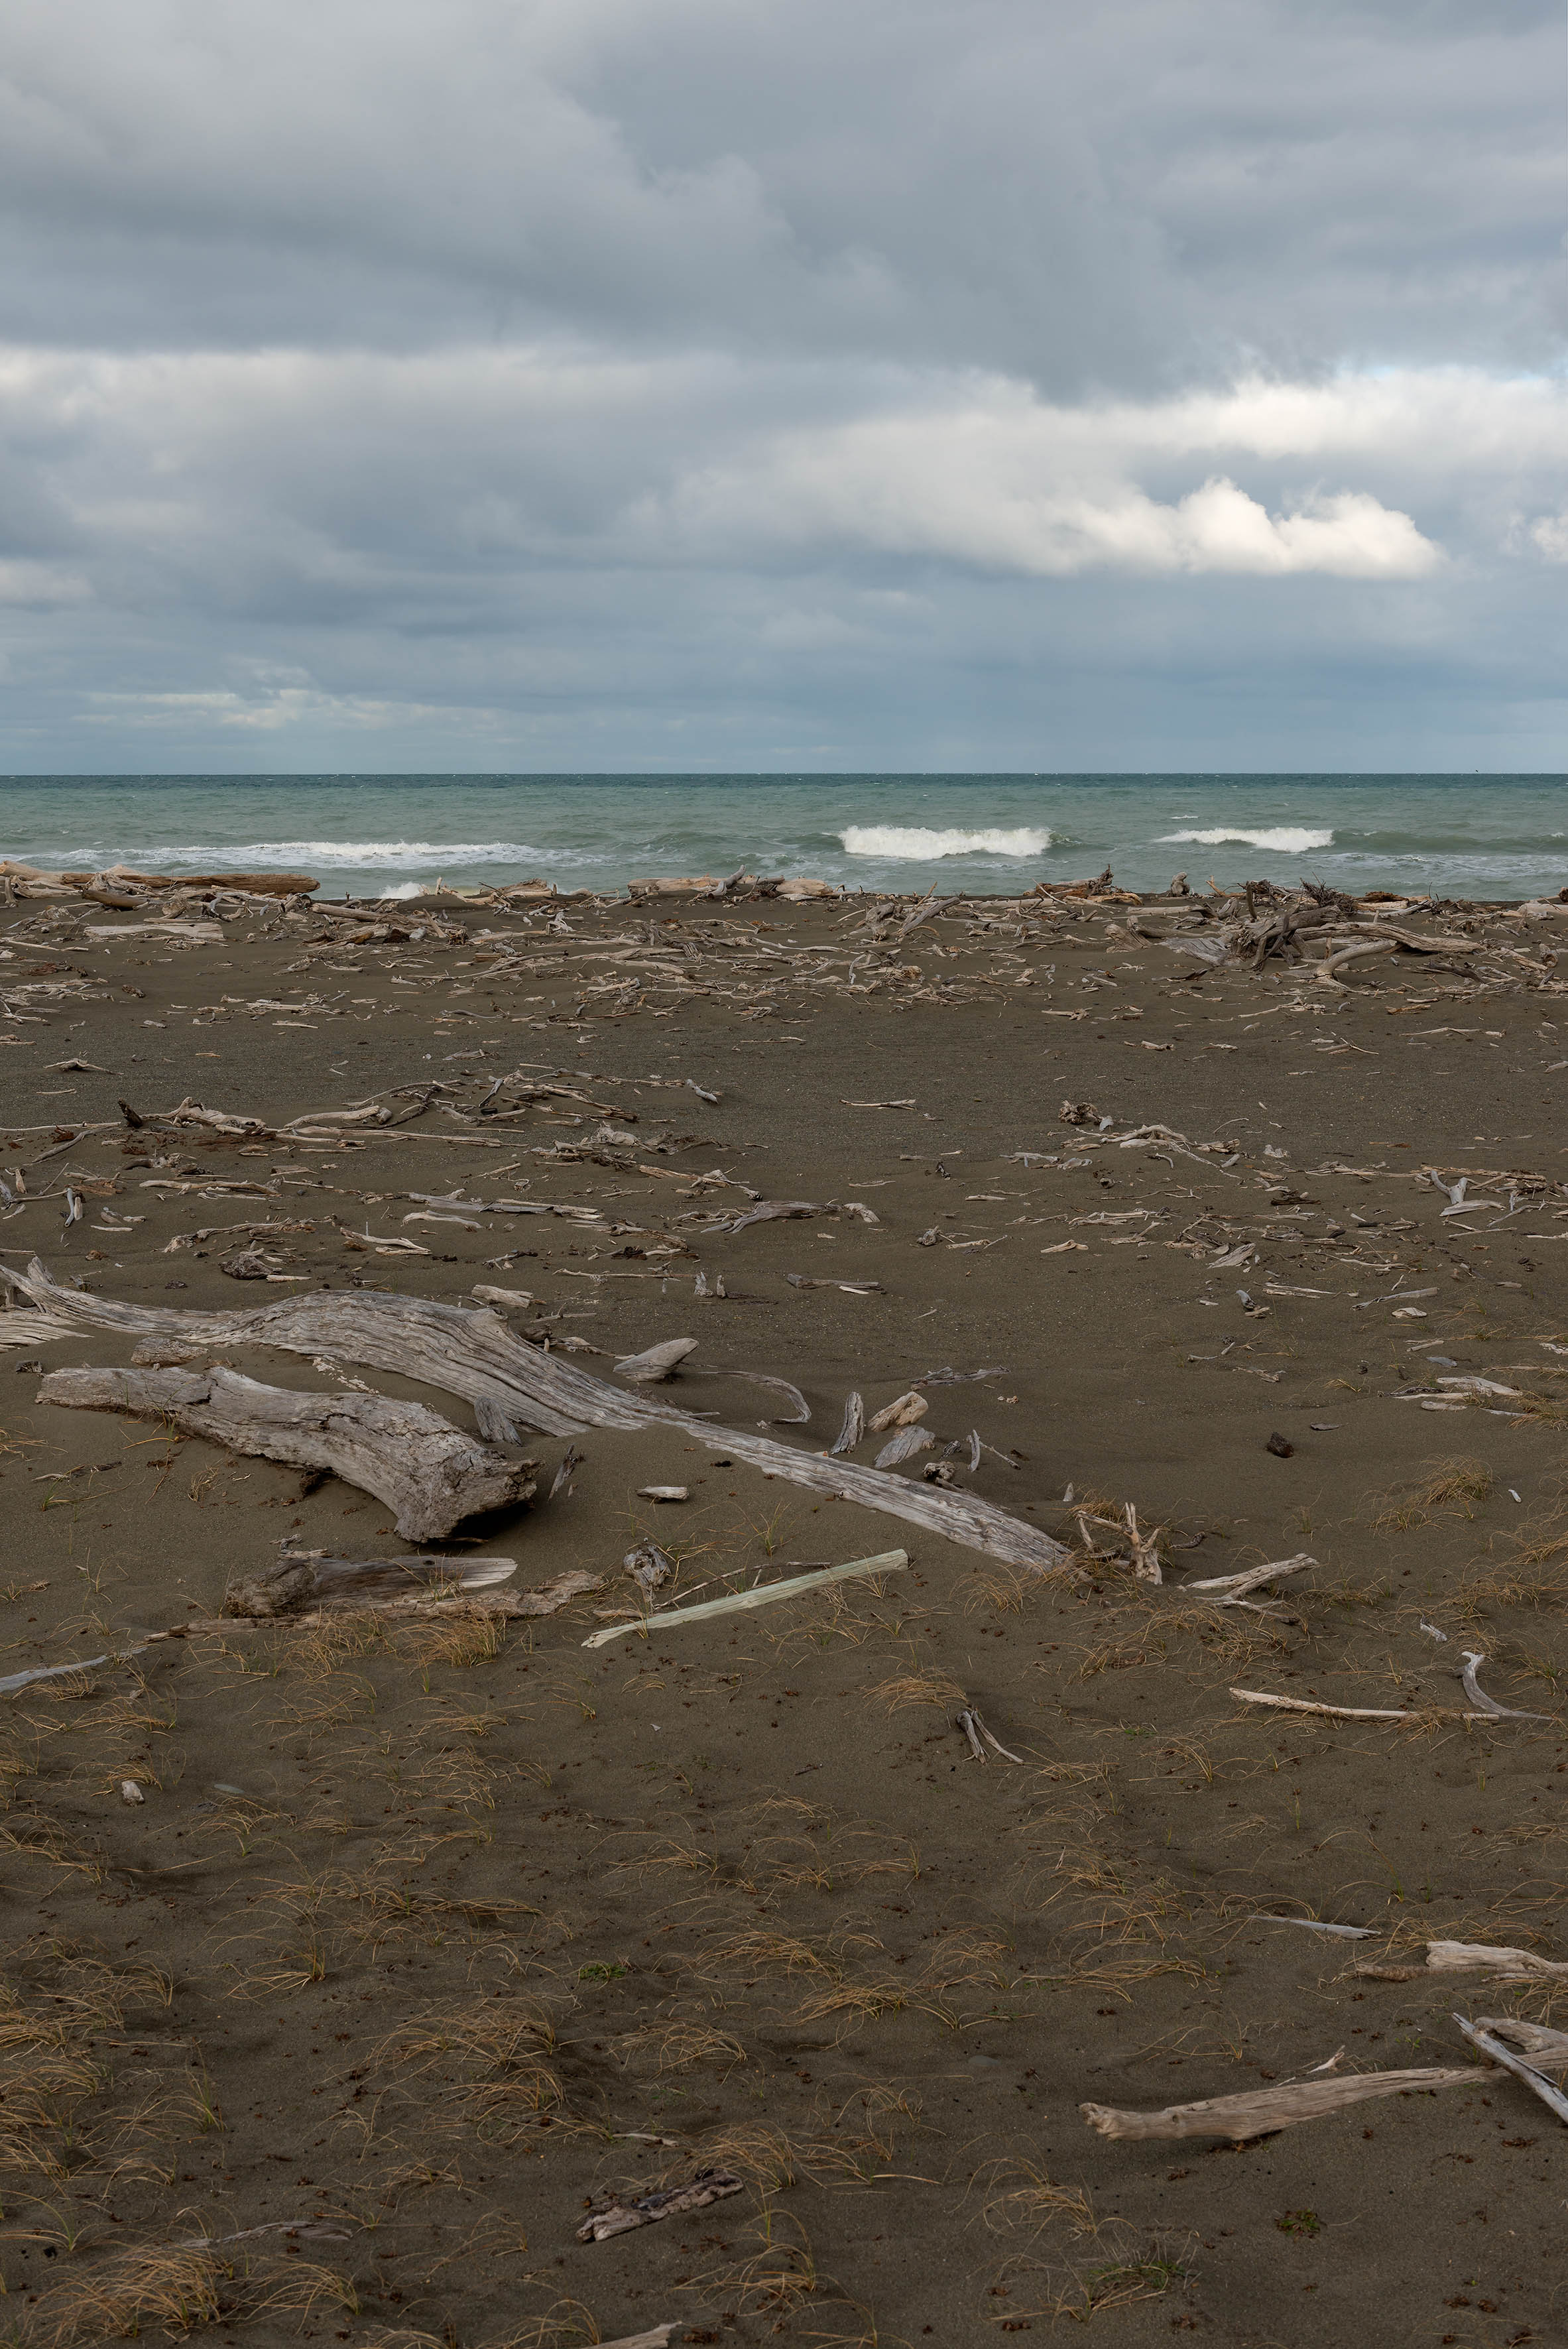 Natalie Robertson, He Wai Mou! He Wai Mau!, Takutai Moana — Rangitukia Hikoi 0–20 (2016–'17)   Nikon D800E, Nikon 24.0–70.0 mm f/2.8 lens, 50mm, 1/160s, f11, ISO 200